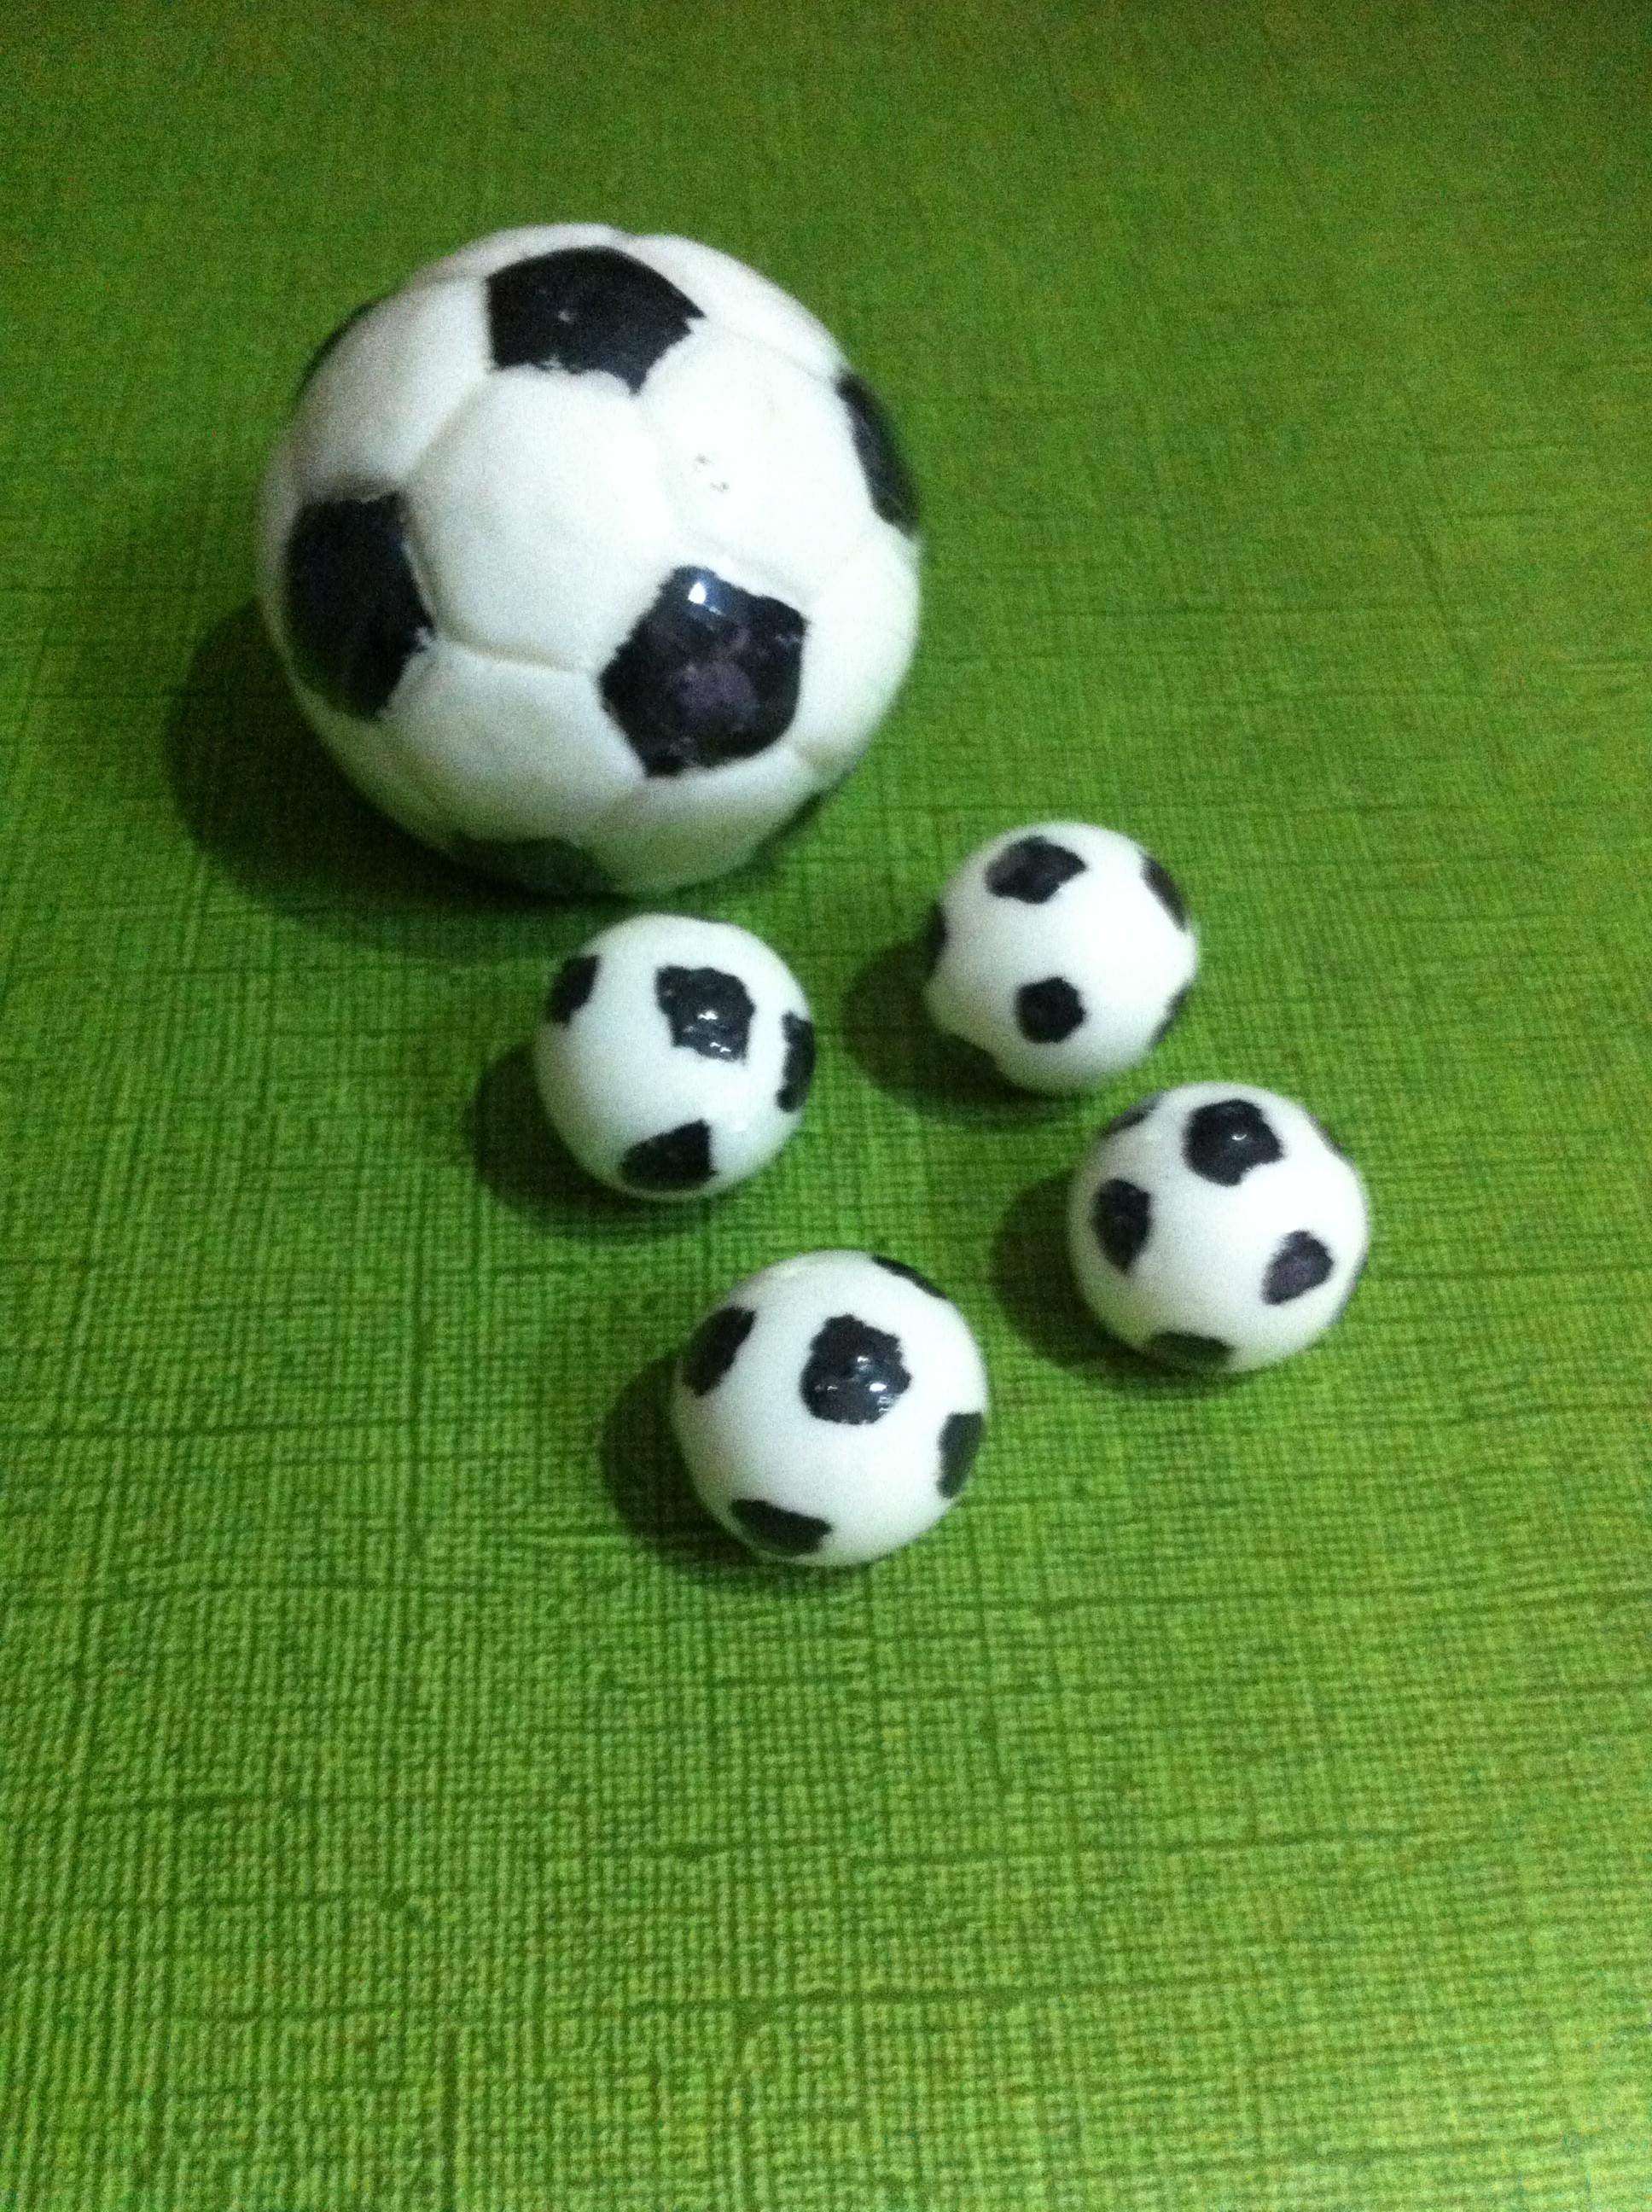 Sabonete Mini Bola de Futebol no Elo7  0ce8f5c4f7c5c